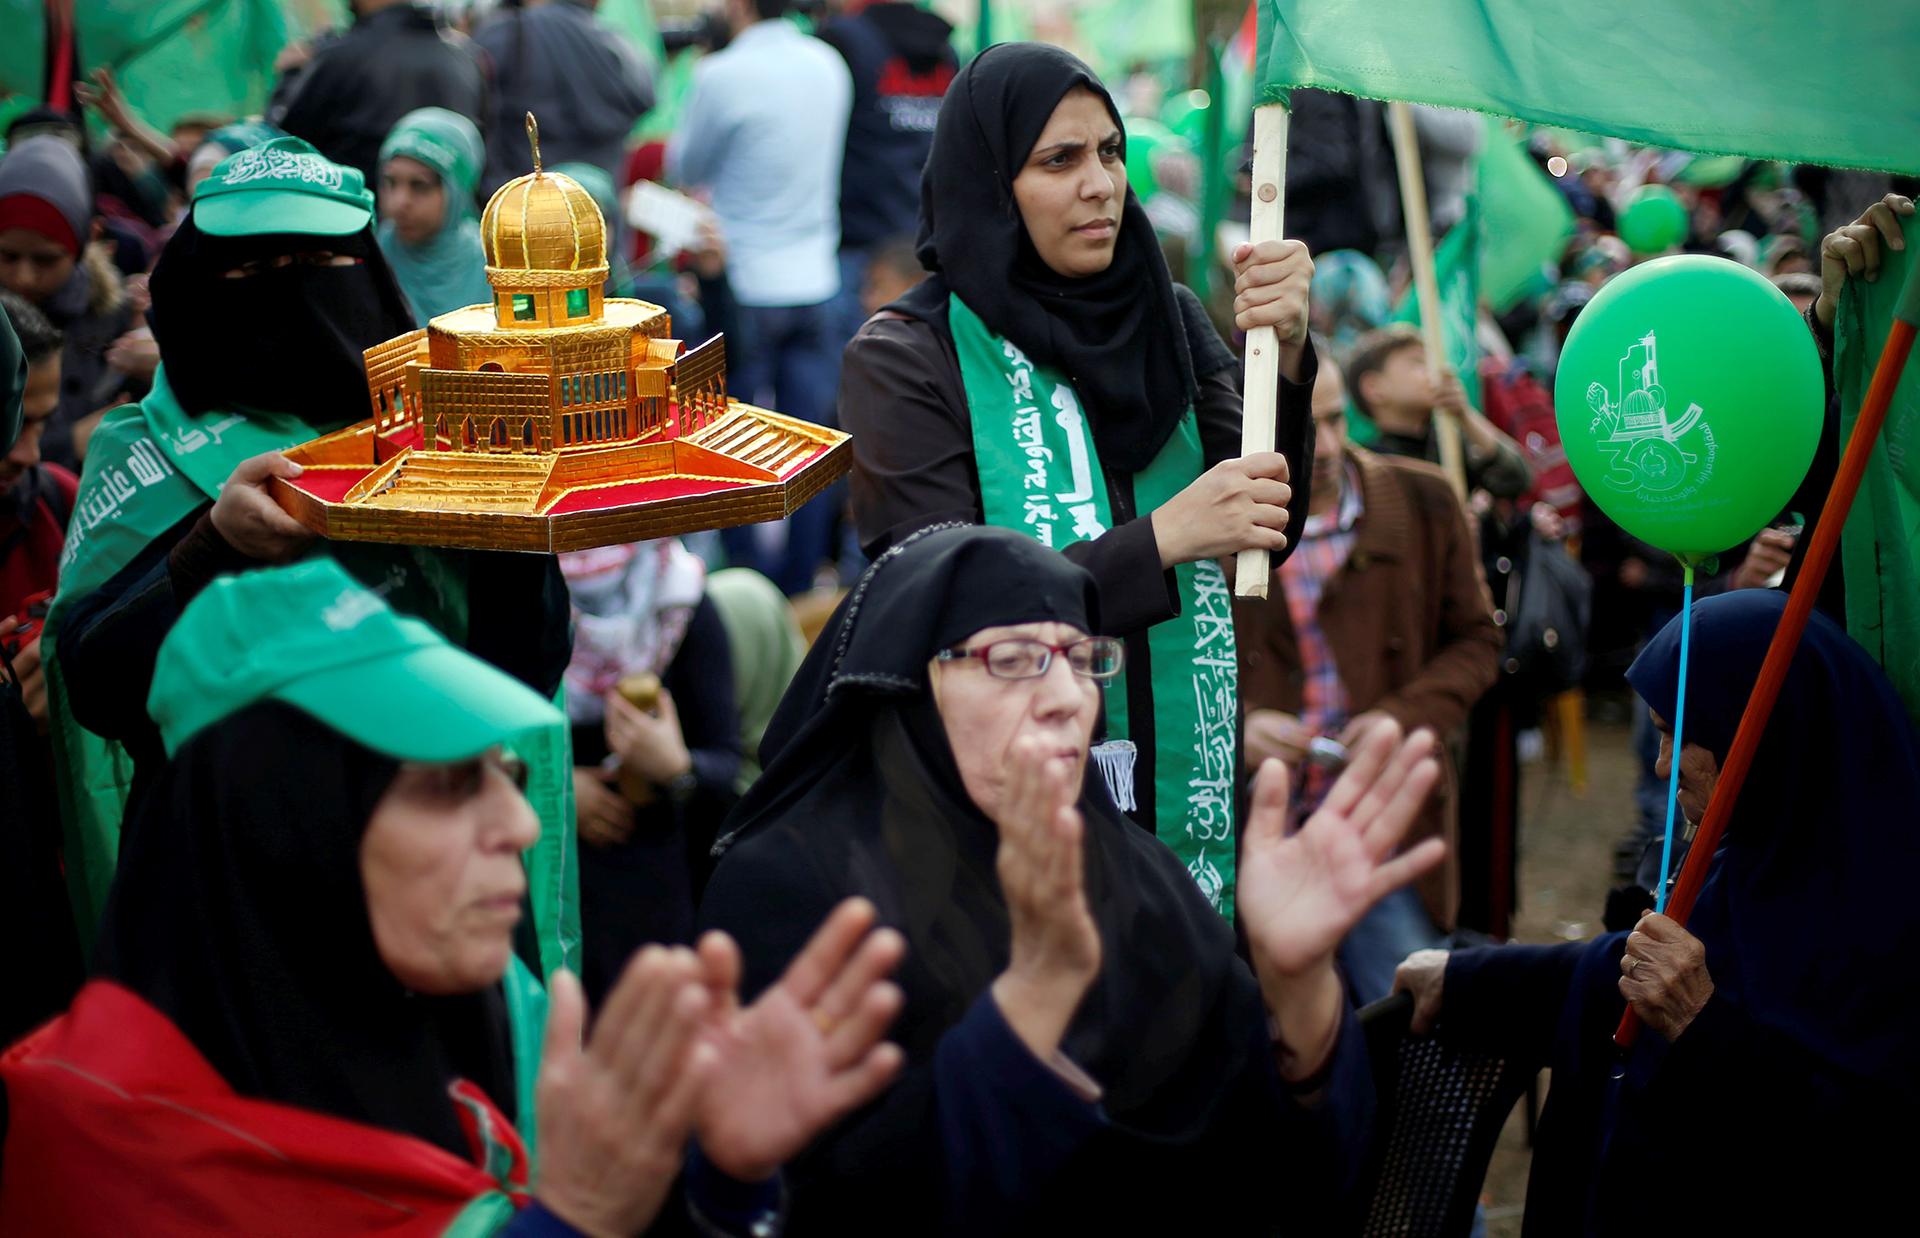 Una militante de Hamas sostiene una réplica del Domo de la Roca, uno de los sitios religiosos del islam en Jerusalén (Reuters)